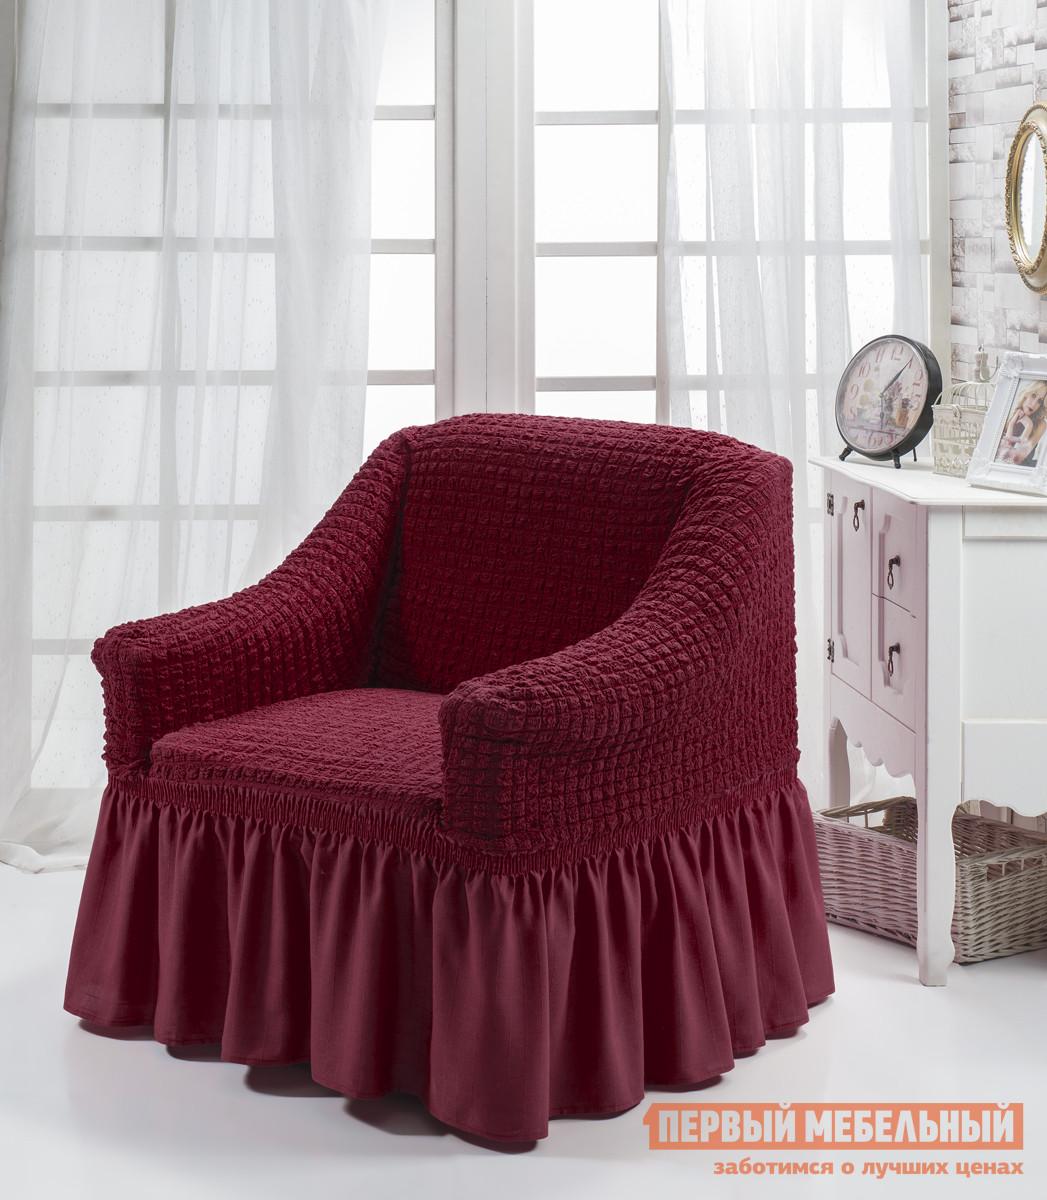 """Чехол для мебели  Чехол для кресла """"Стамбул"""" Бордовый — Чехол для кресла """"Стамбул"""" Бордовый"""